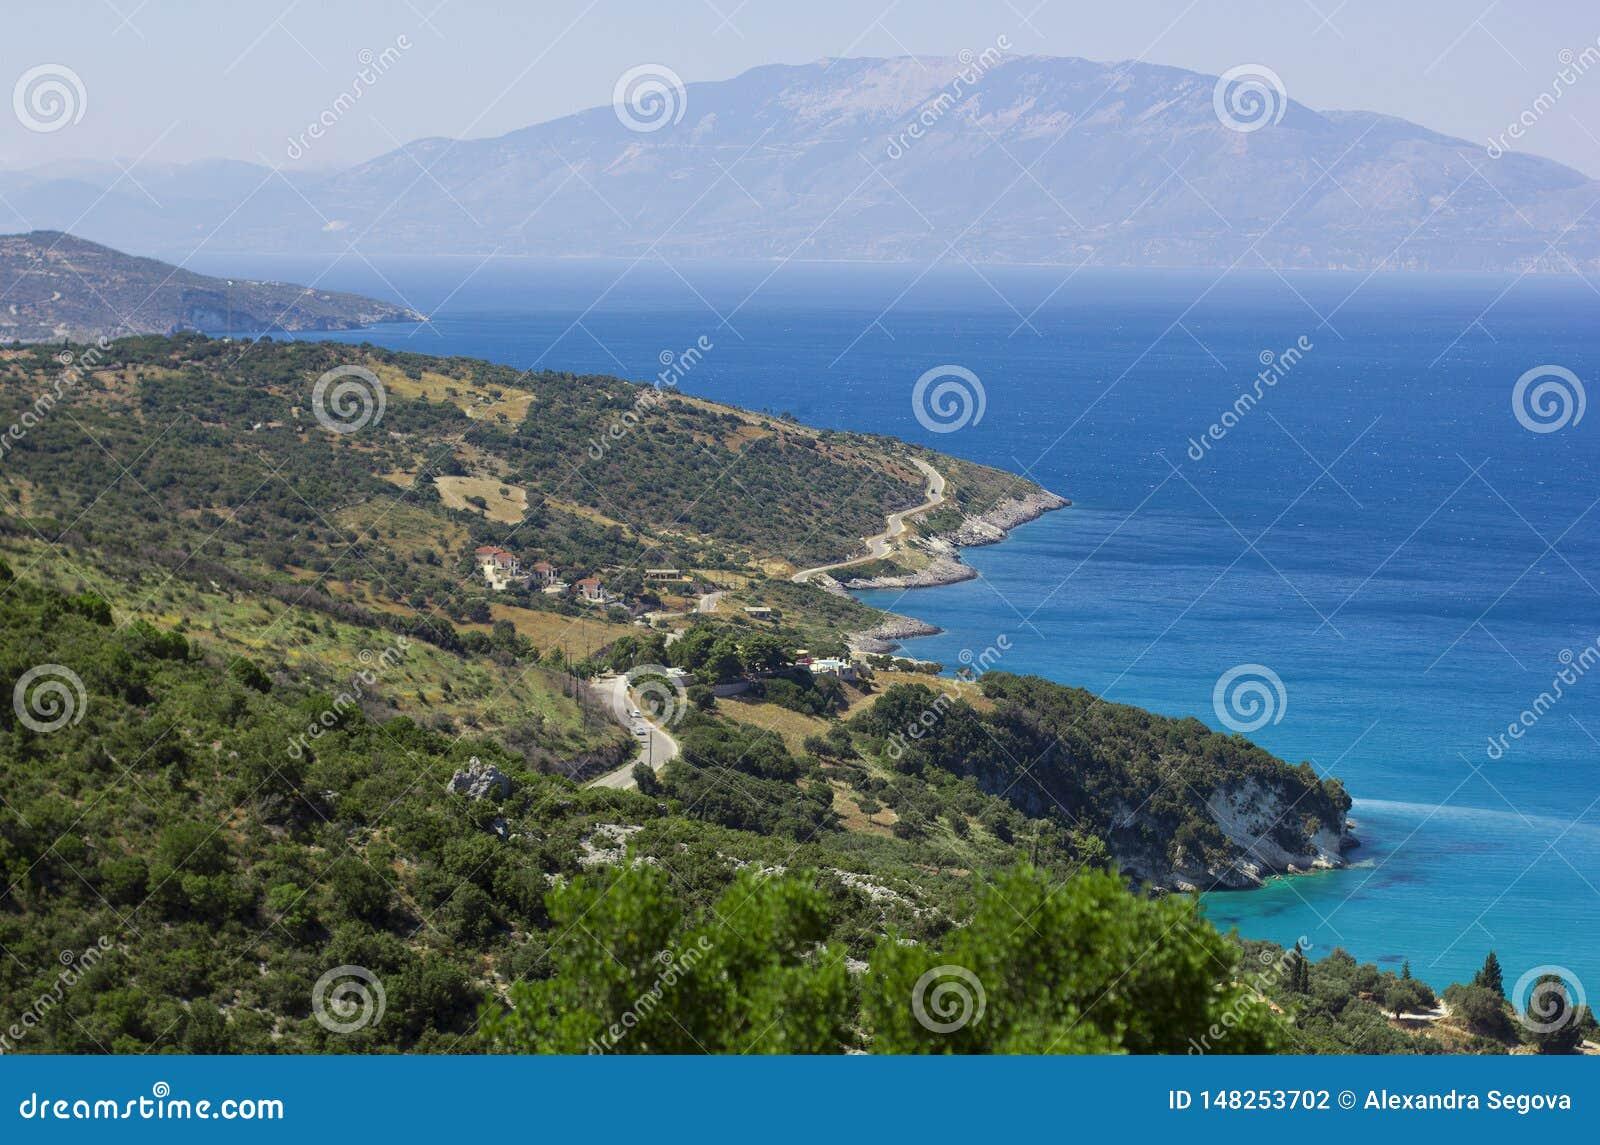 Widok na wyspa brzeg otaczającym błękitnym morzem nad krajobraz